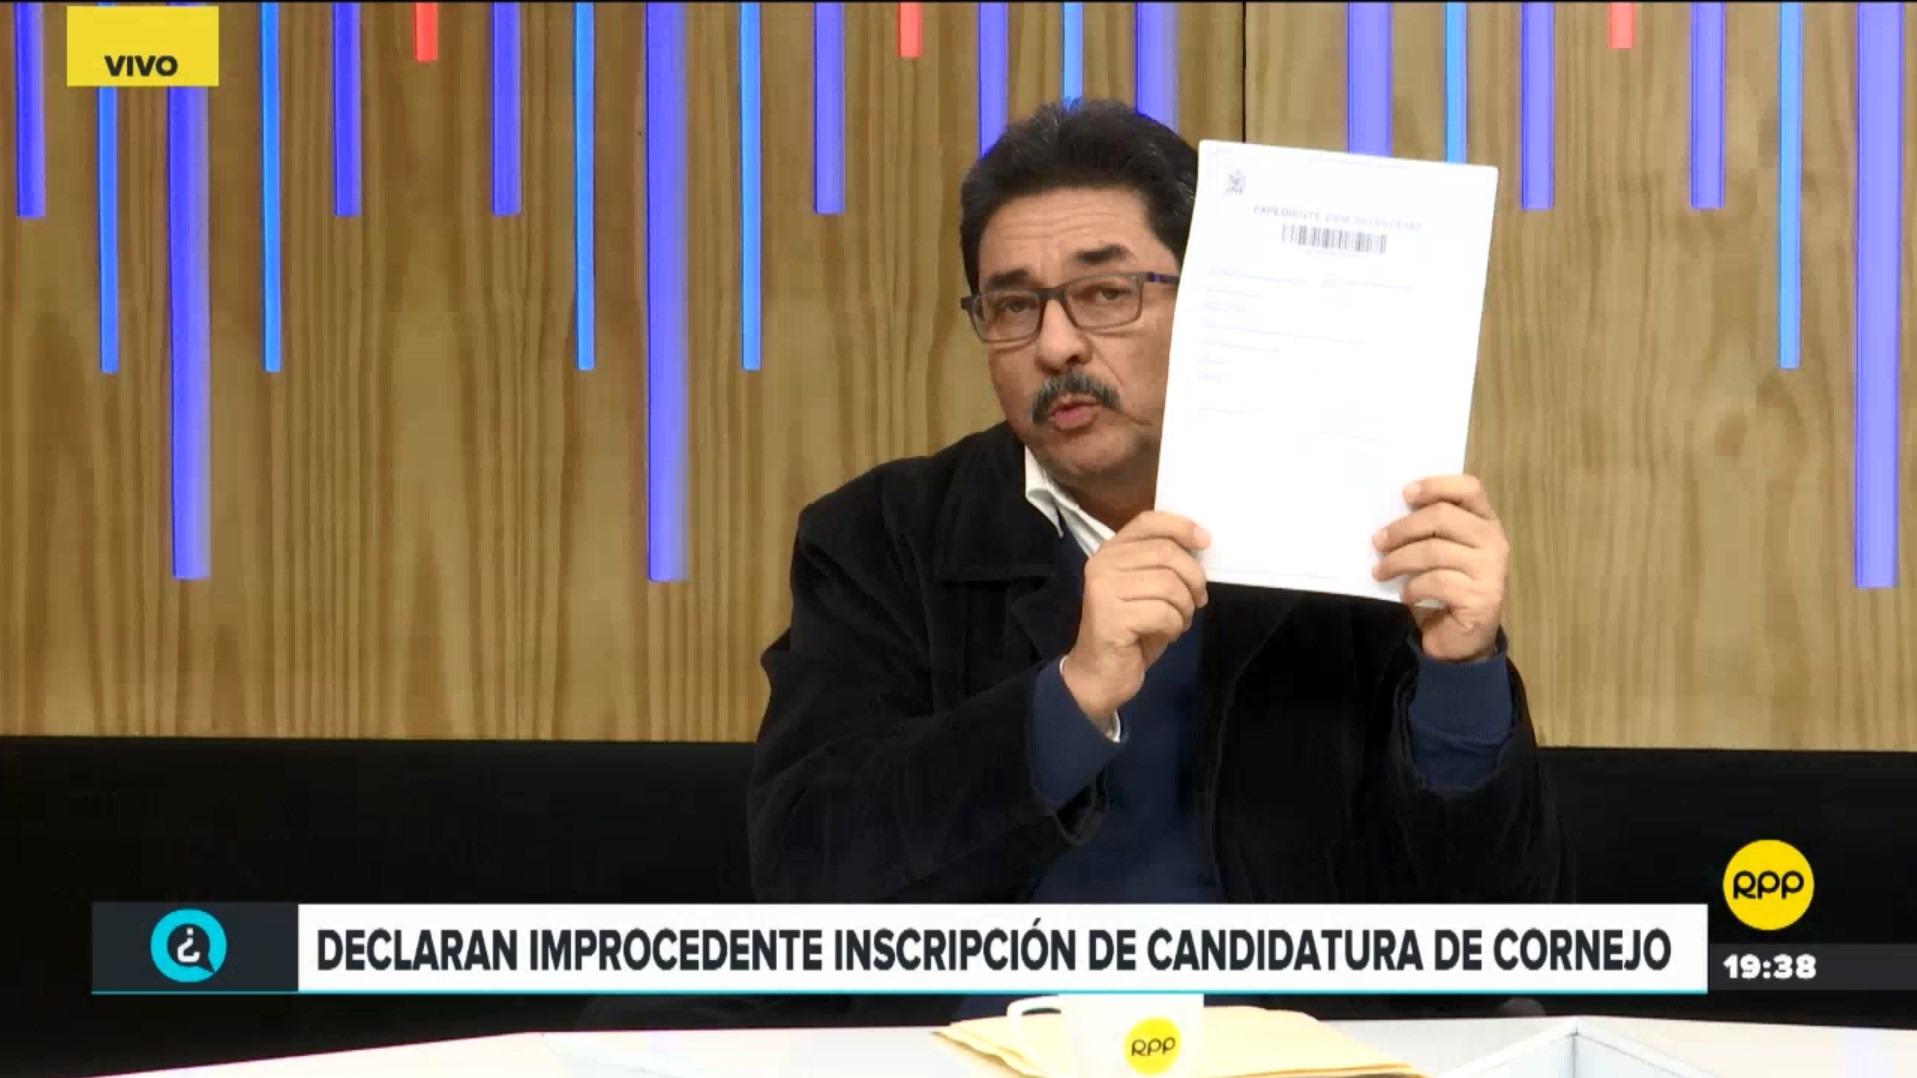 El exministro de Transportes dijo que su inscripción a Democracia Directa es válida y cuenta con los documentos para demostrarlo.